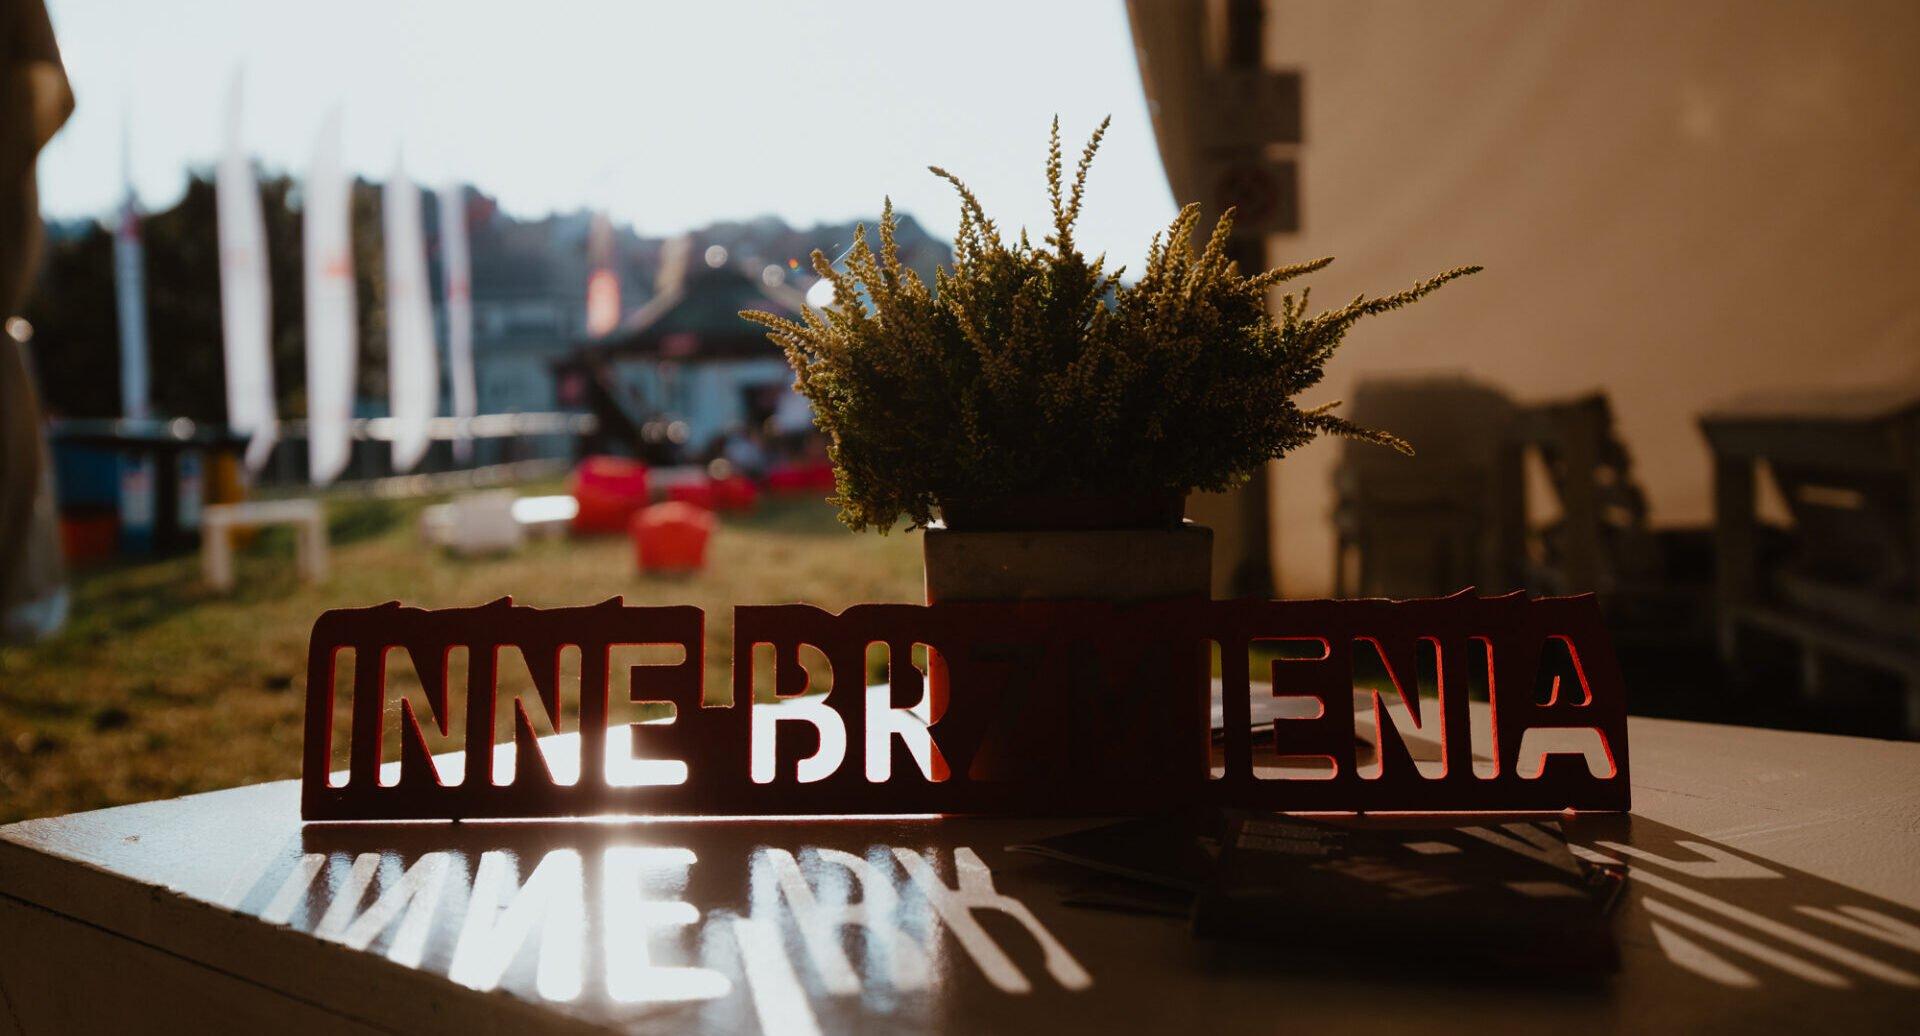 zdjęcie z klubu festiwalowego Innych Brzmień, w tle Błonia pod Zamkiem, leżaki.